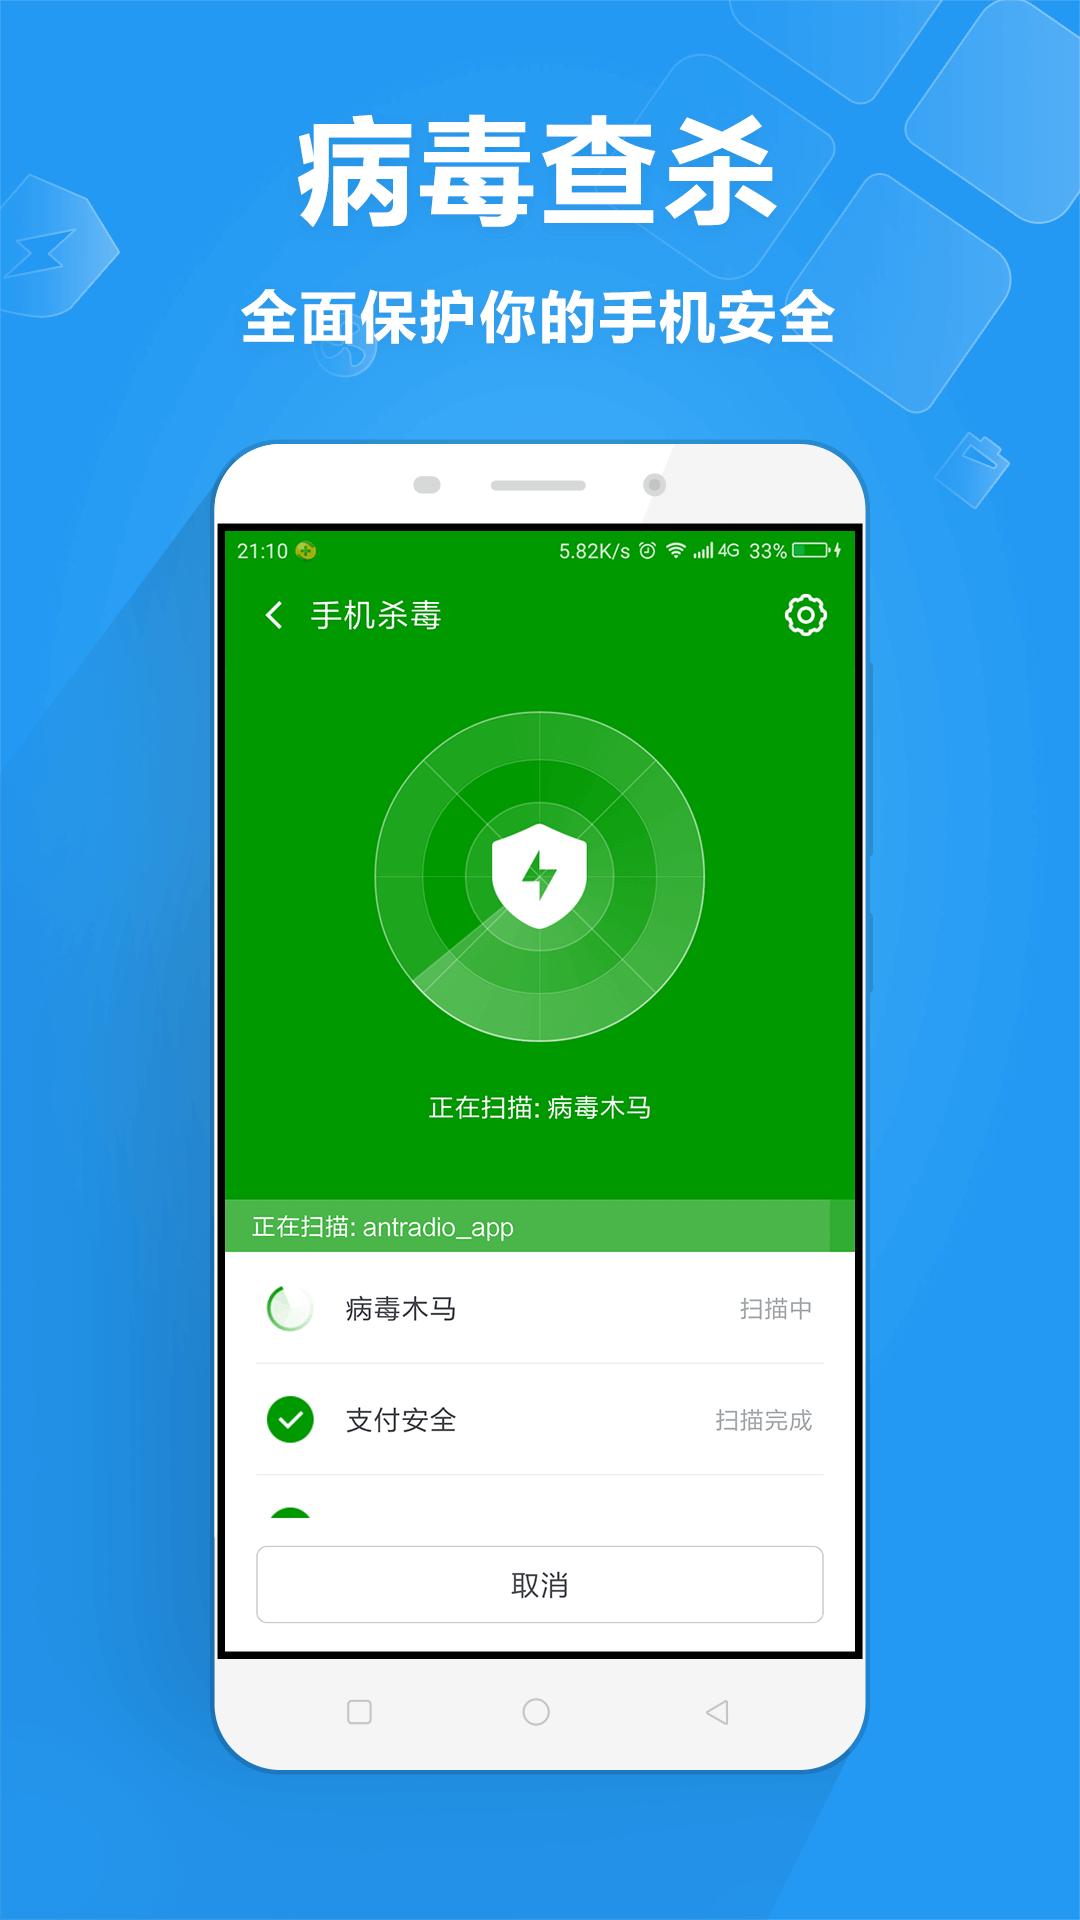 360手机卫士-一键连免费wifi安卓版高清截图